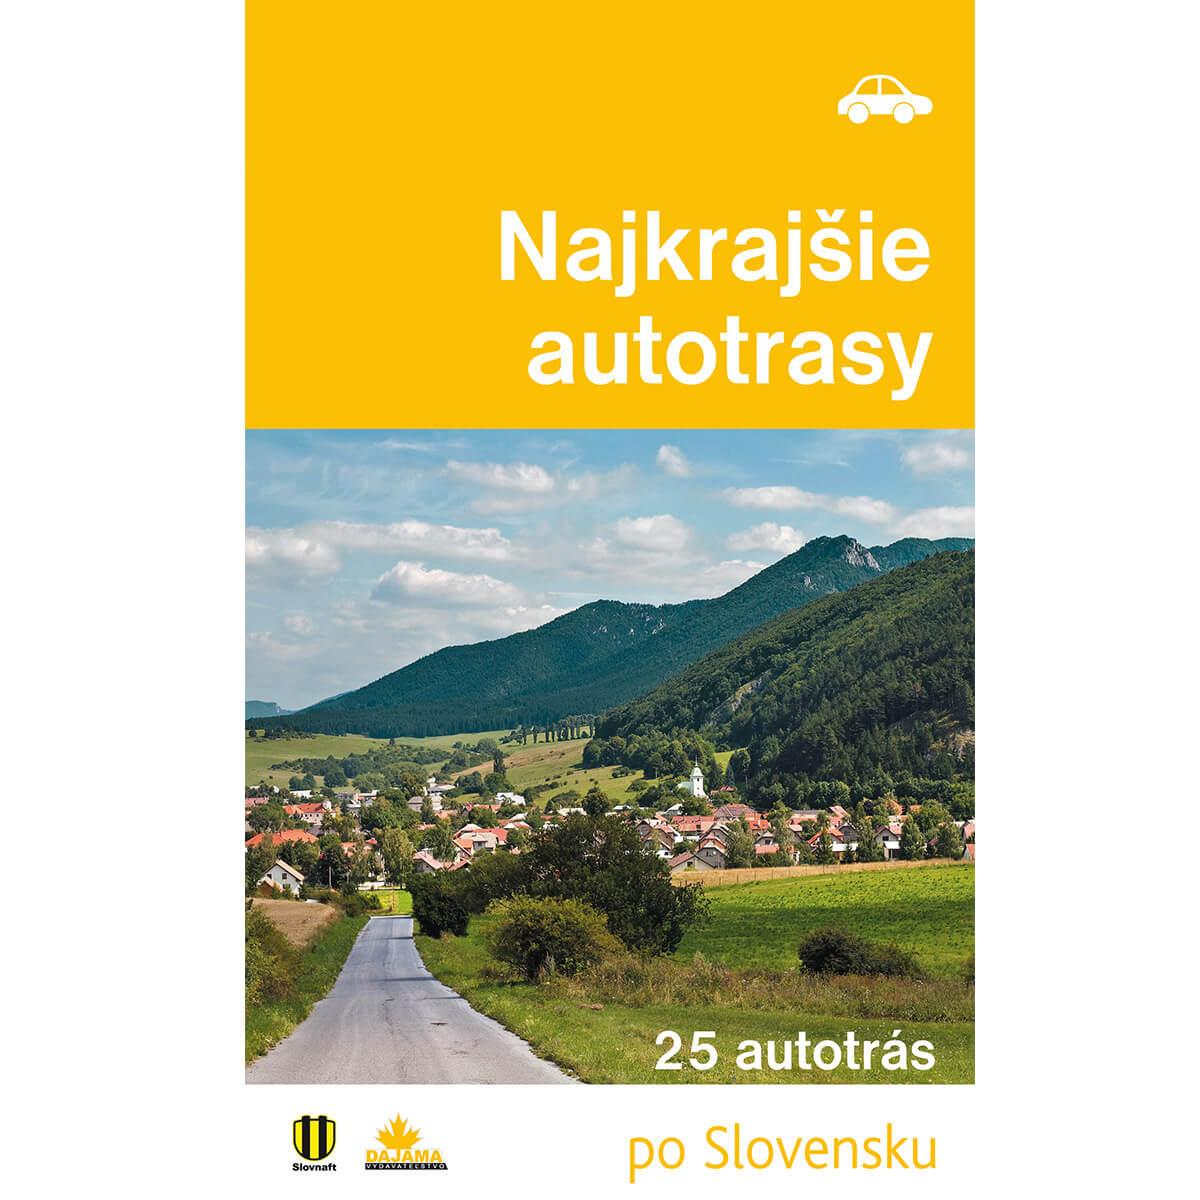 Kniha Najkrajšie autotrasy - 25 autotrás po Slovensku z vydavateľstva Dajama